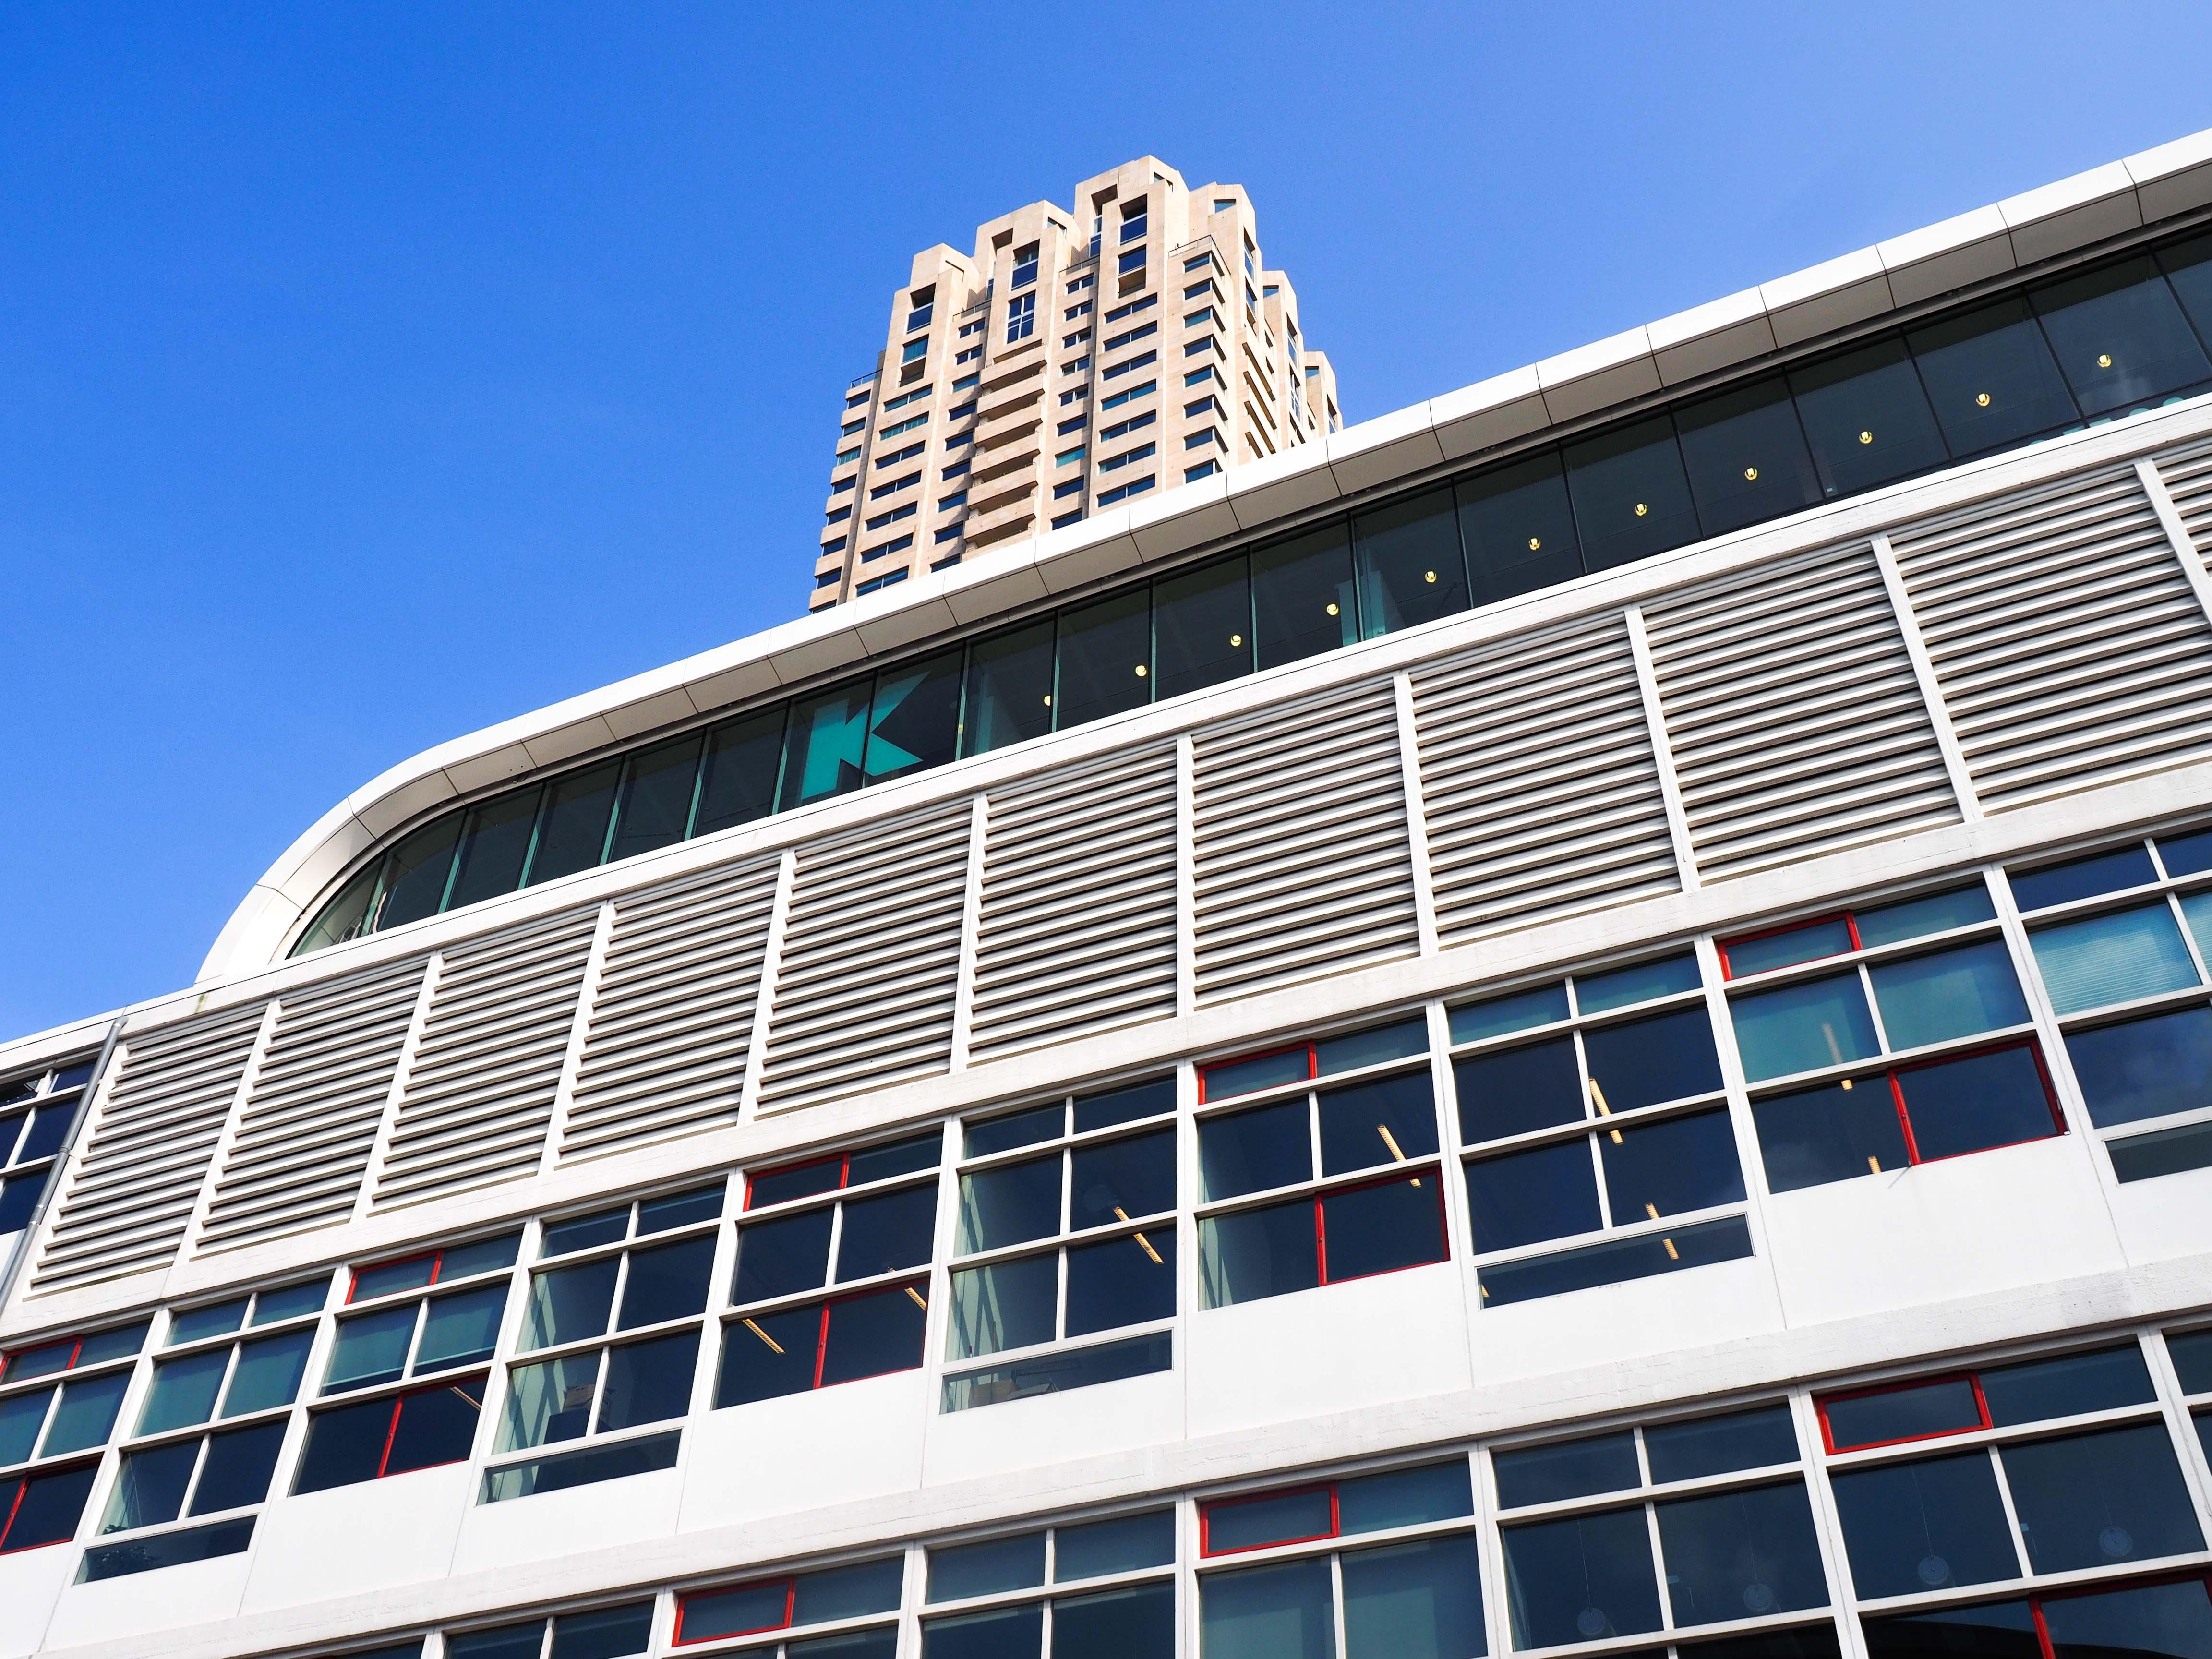 Urban_Architektur-14